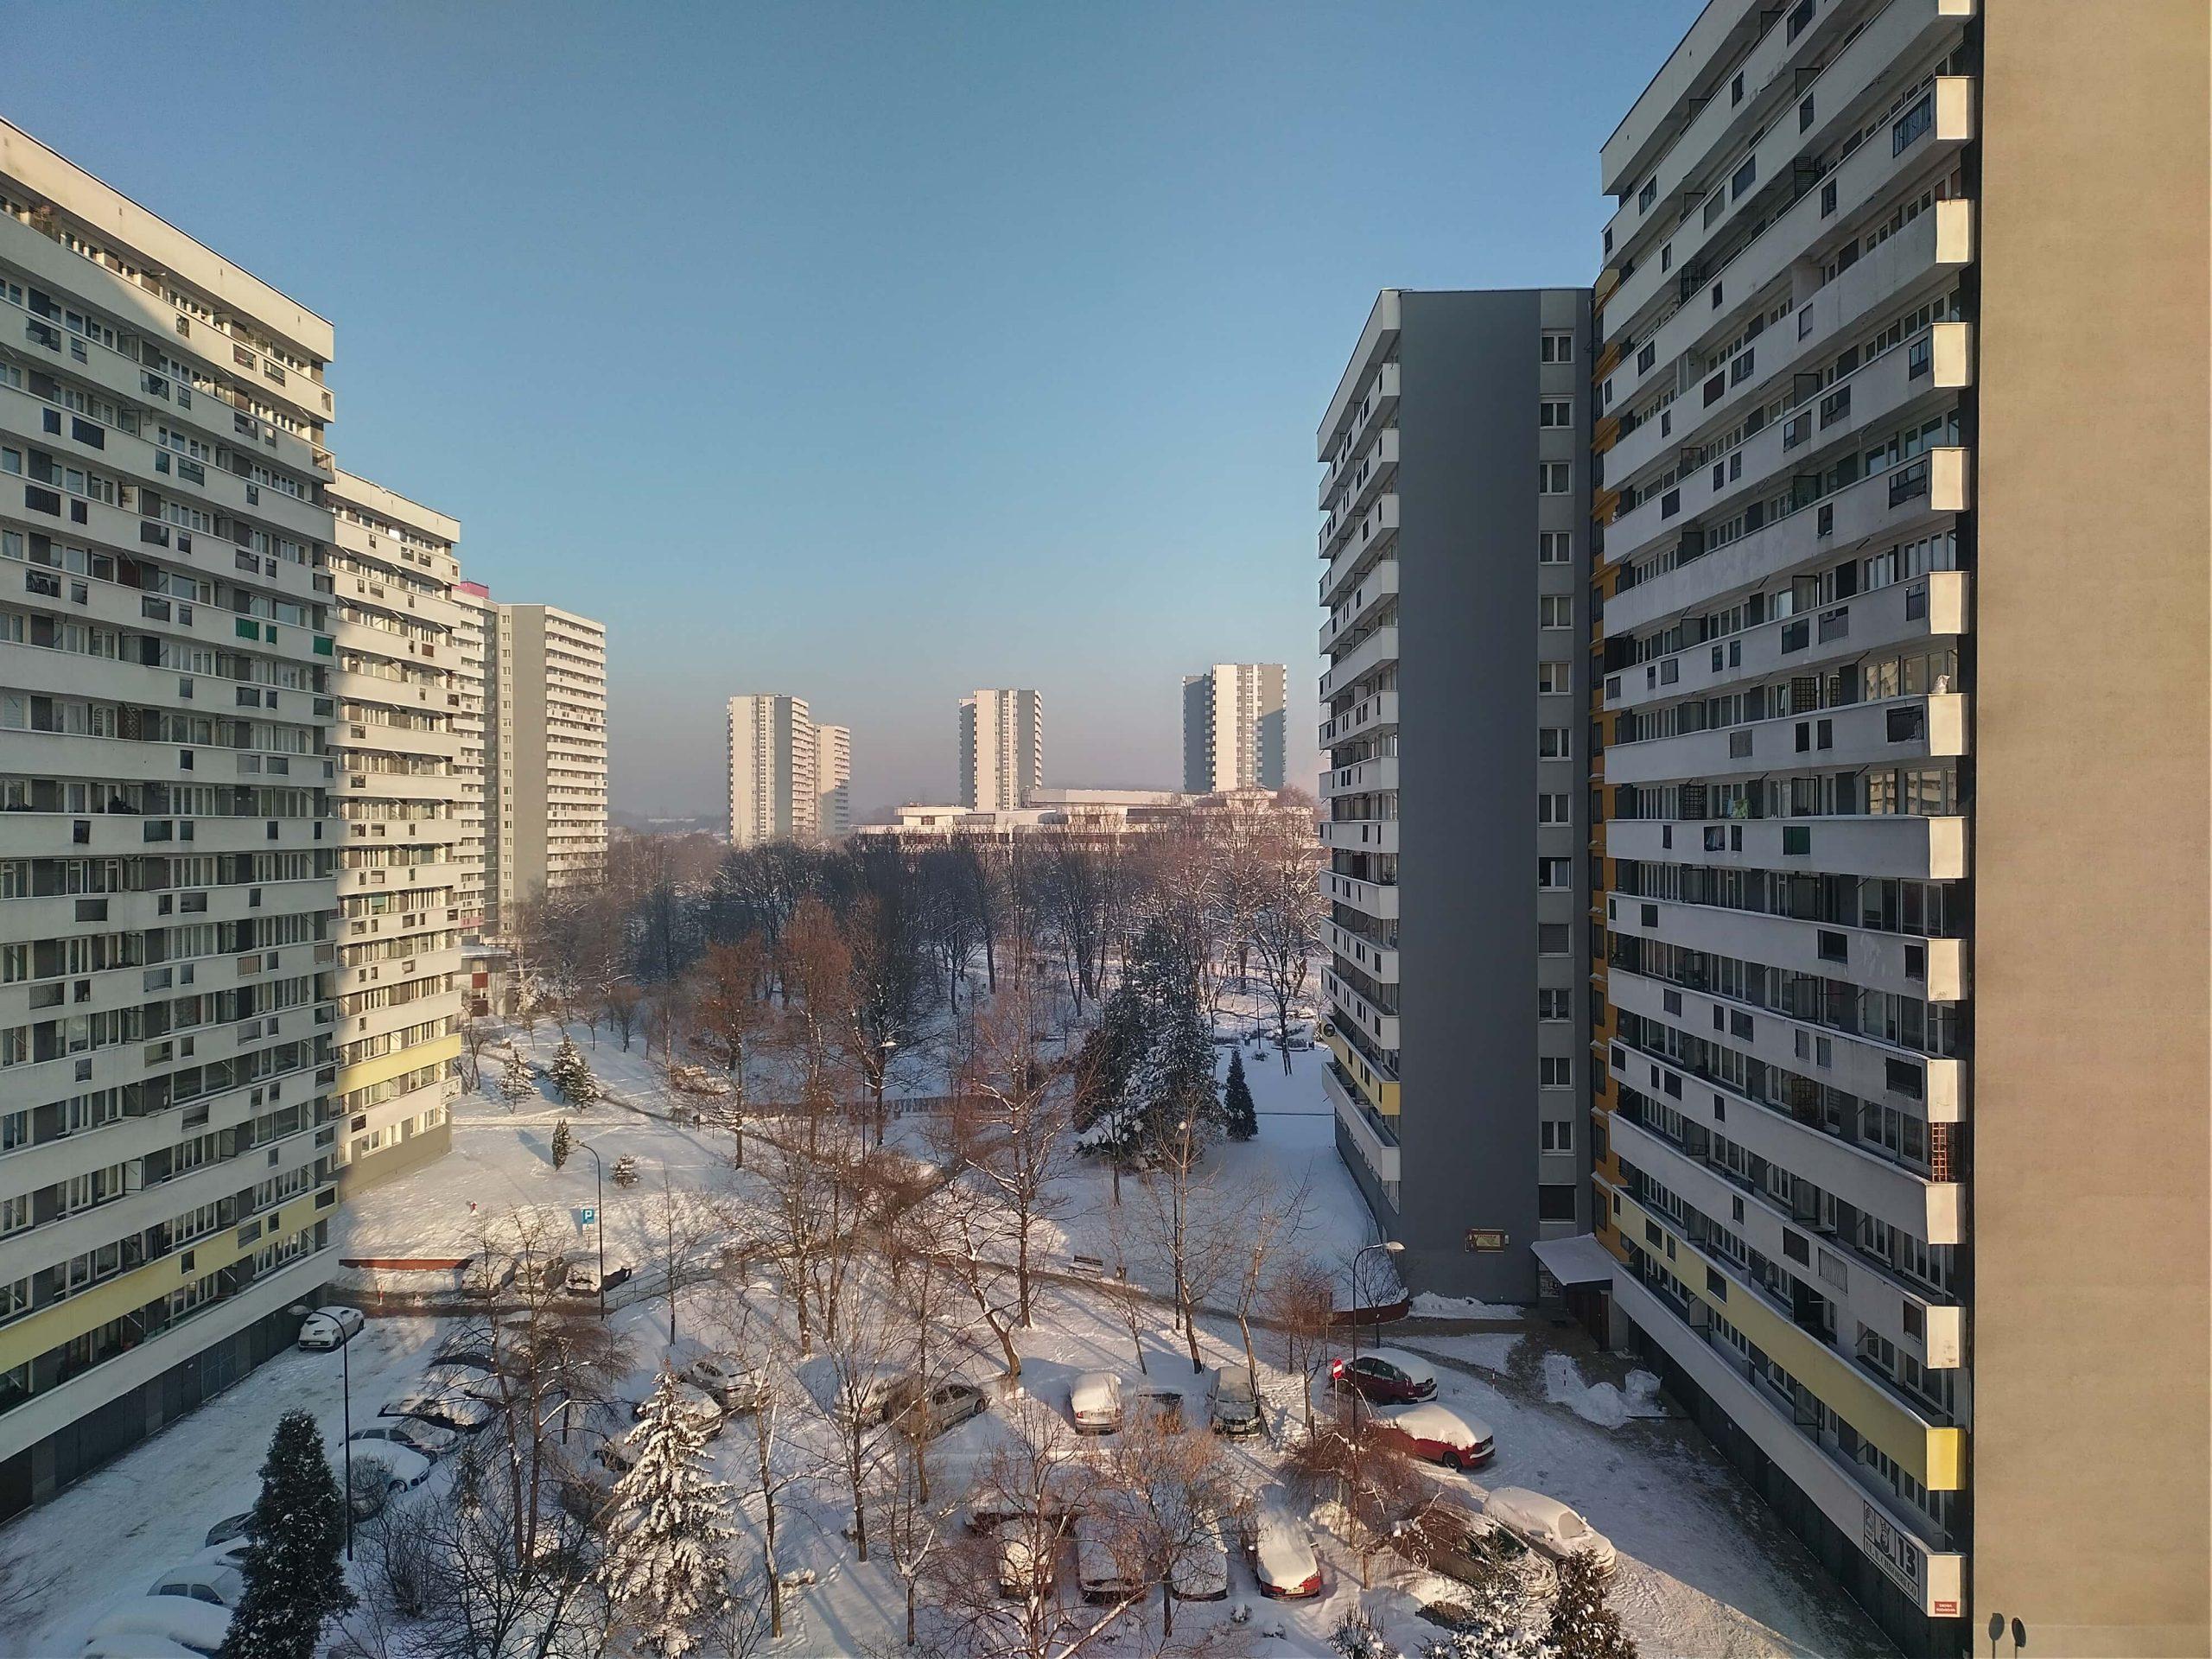 Słoneczna pogoda - Nokia 5.4